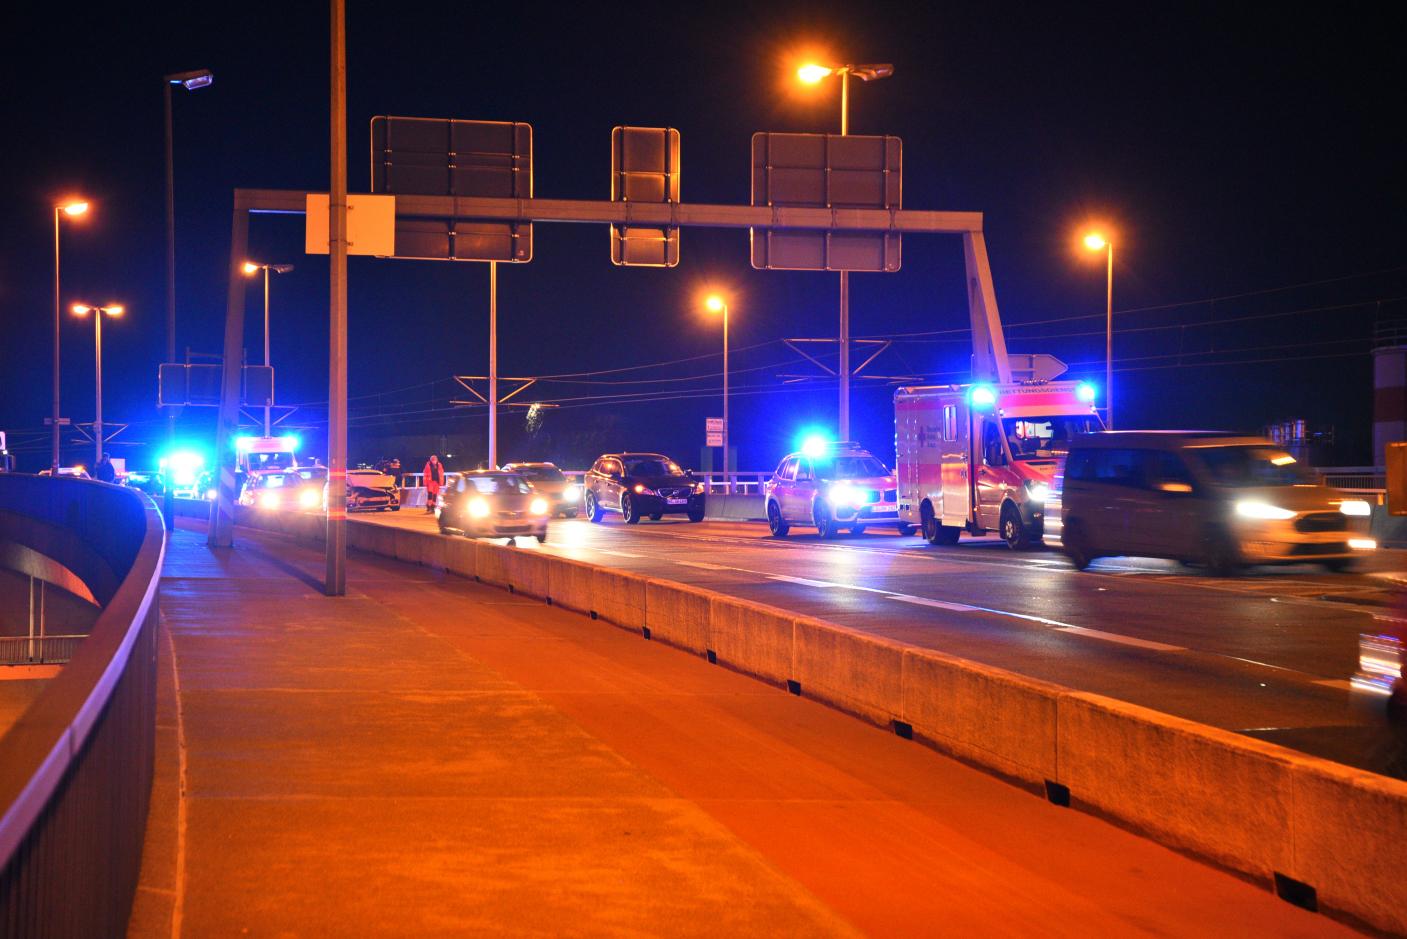 Mannheim-Innenstadt: Verkehrsunfall mit zwei schwerverletzten Personen und erheblichem Sachschaden